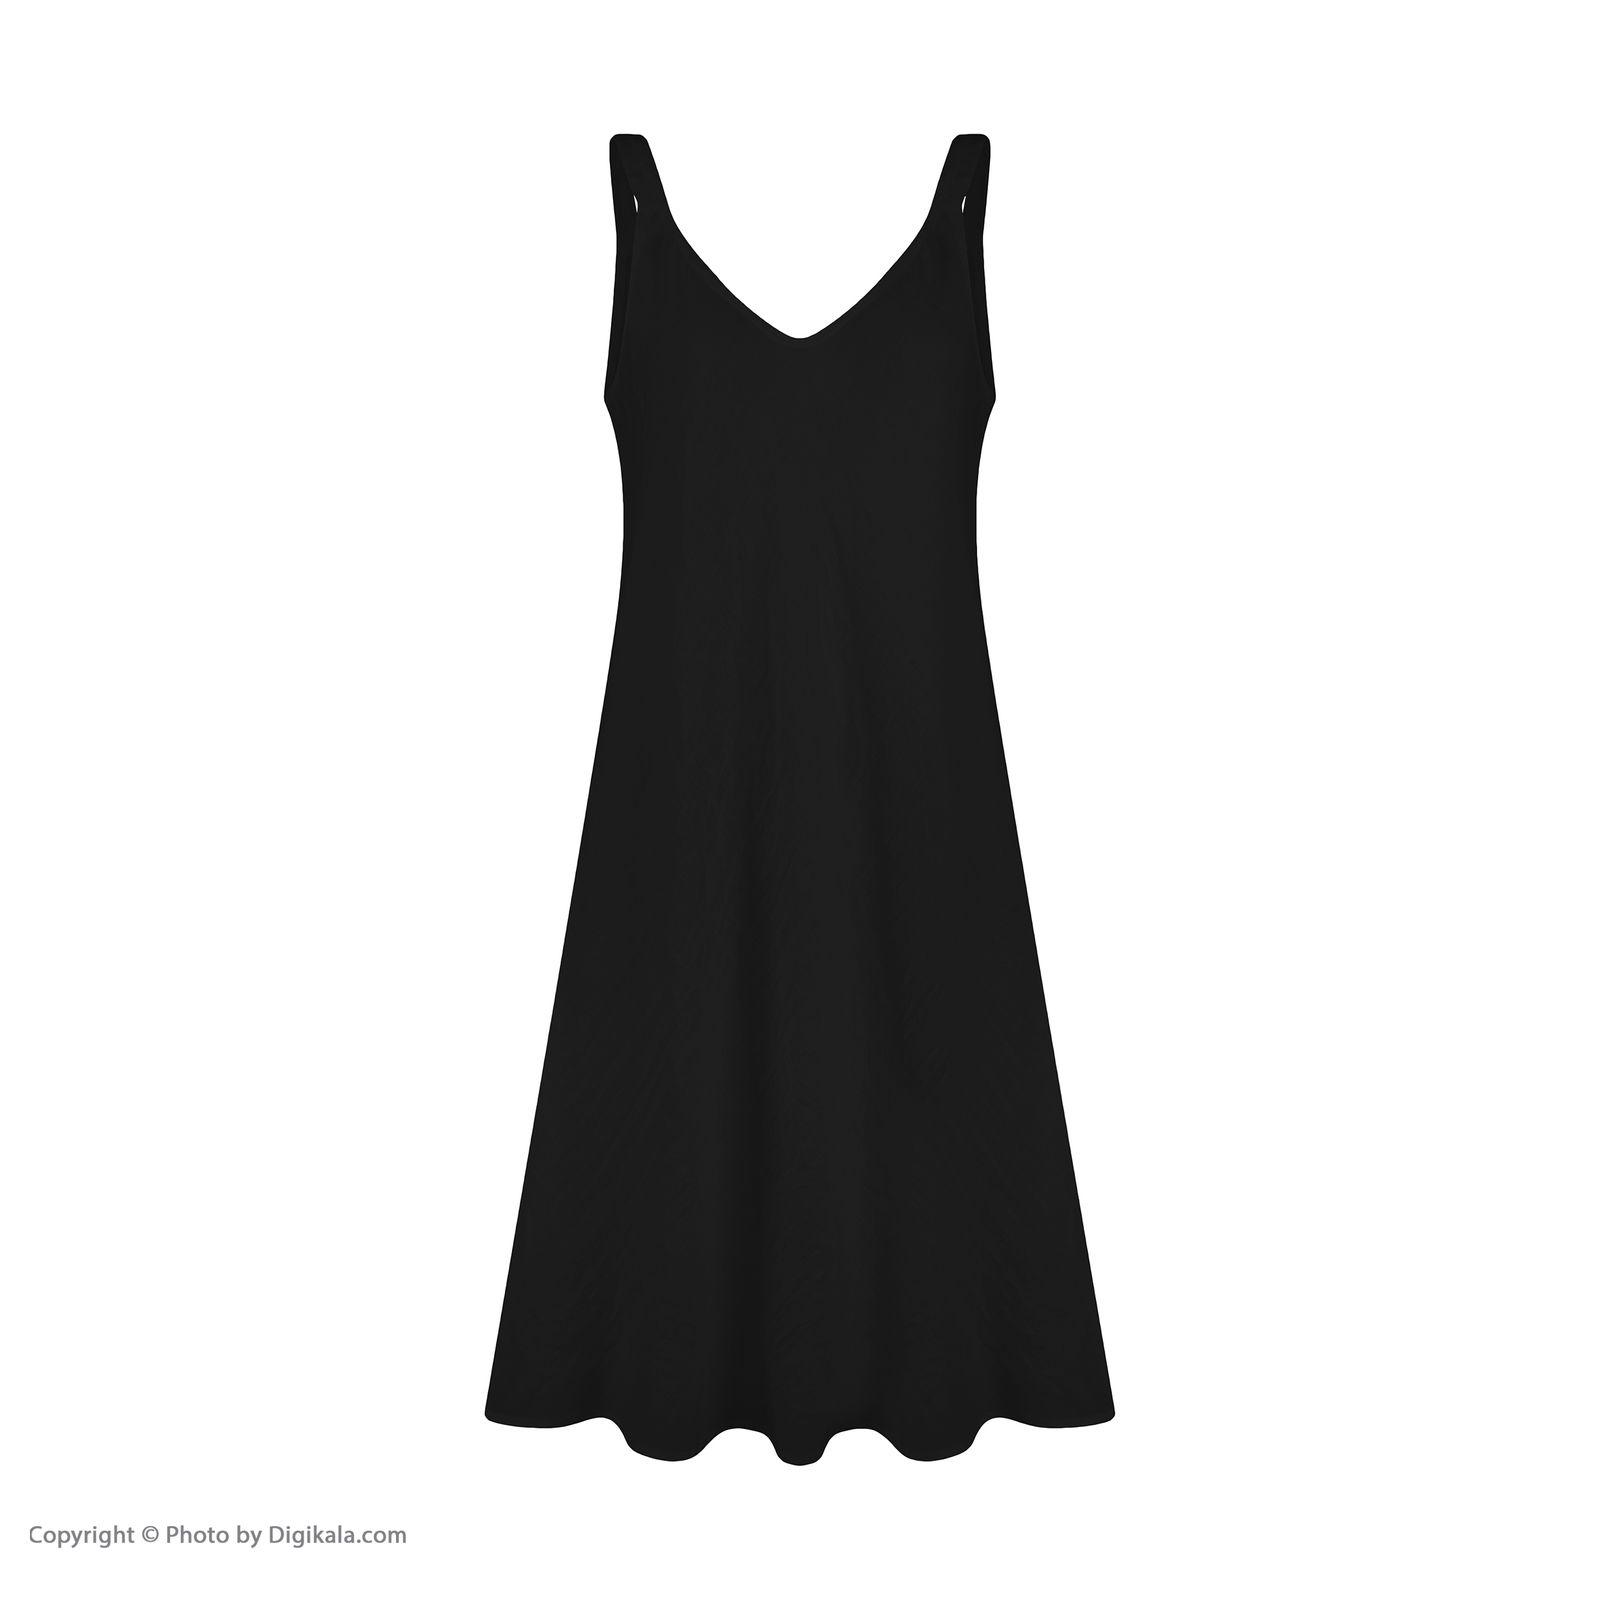 لباس خواب زنانه هیتو استایل مدل D28F230 -  - 2